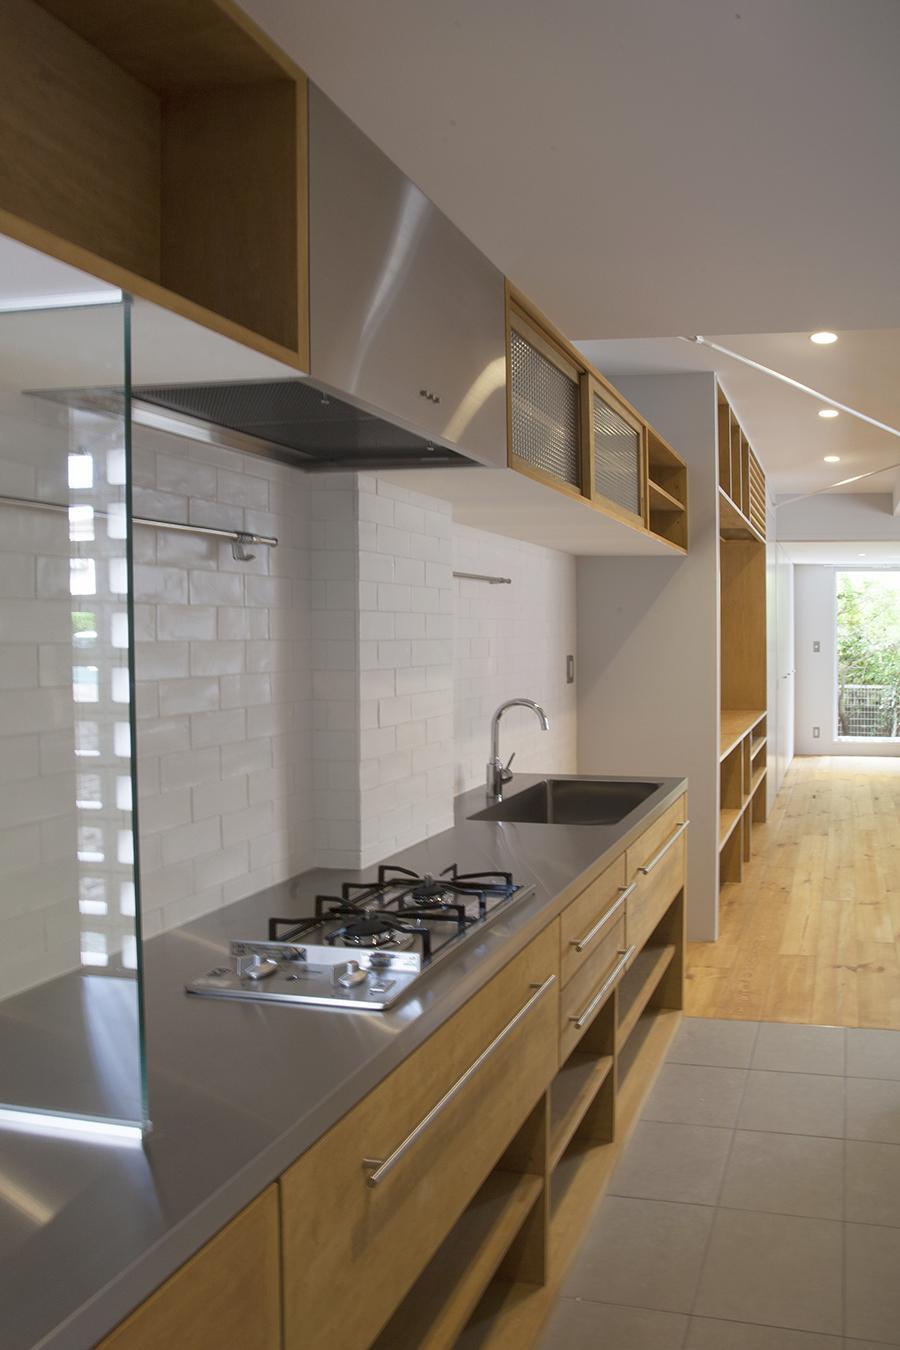 キッチンは作業スペースをしっかりと確保。見た目もスタイリッシュ